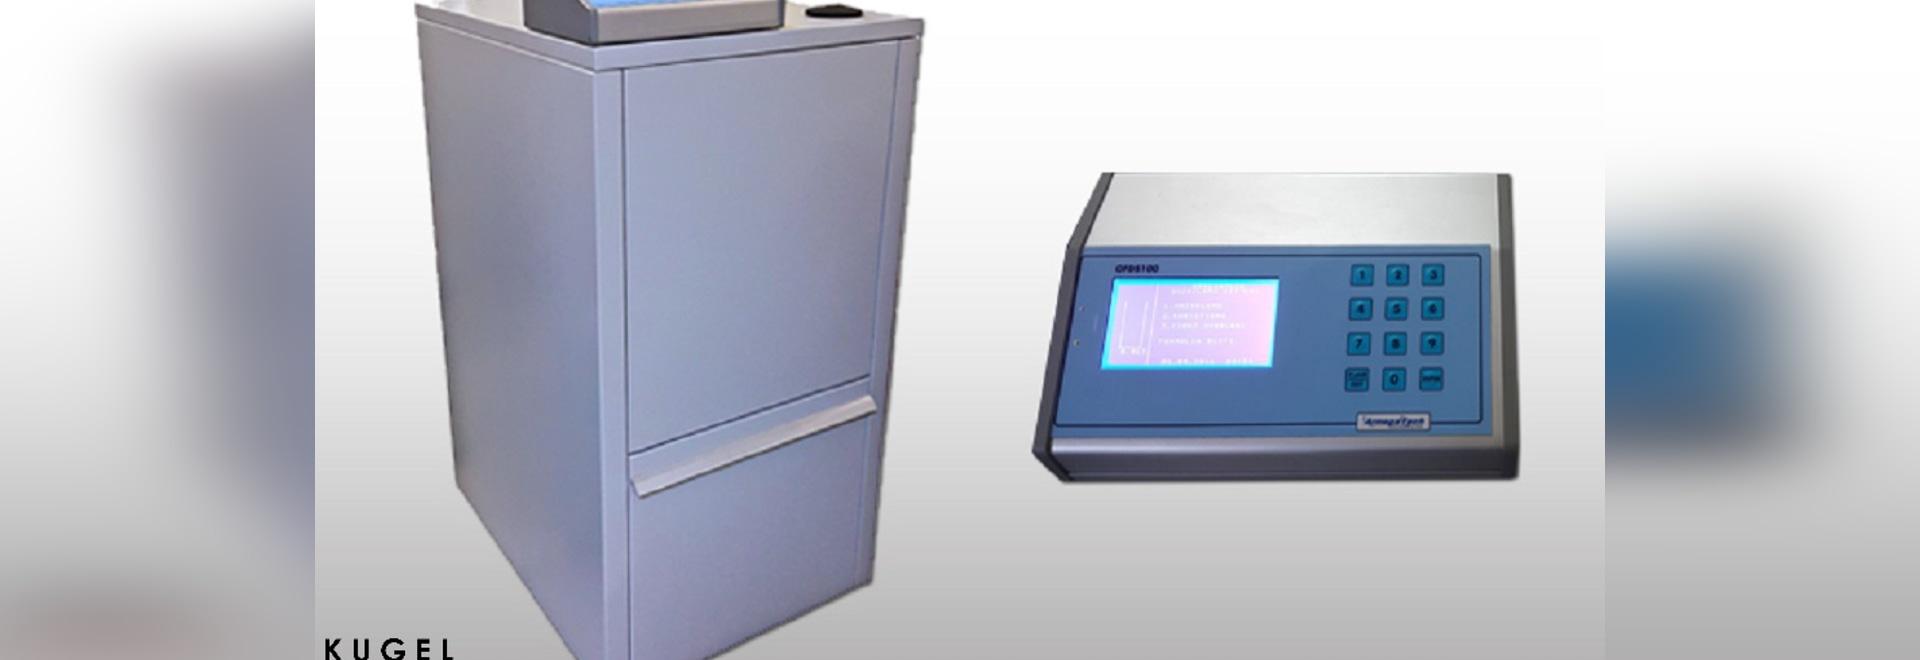 Innovaciones @MEDICA: Estación de mezcla completamente automatizada